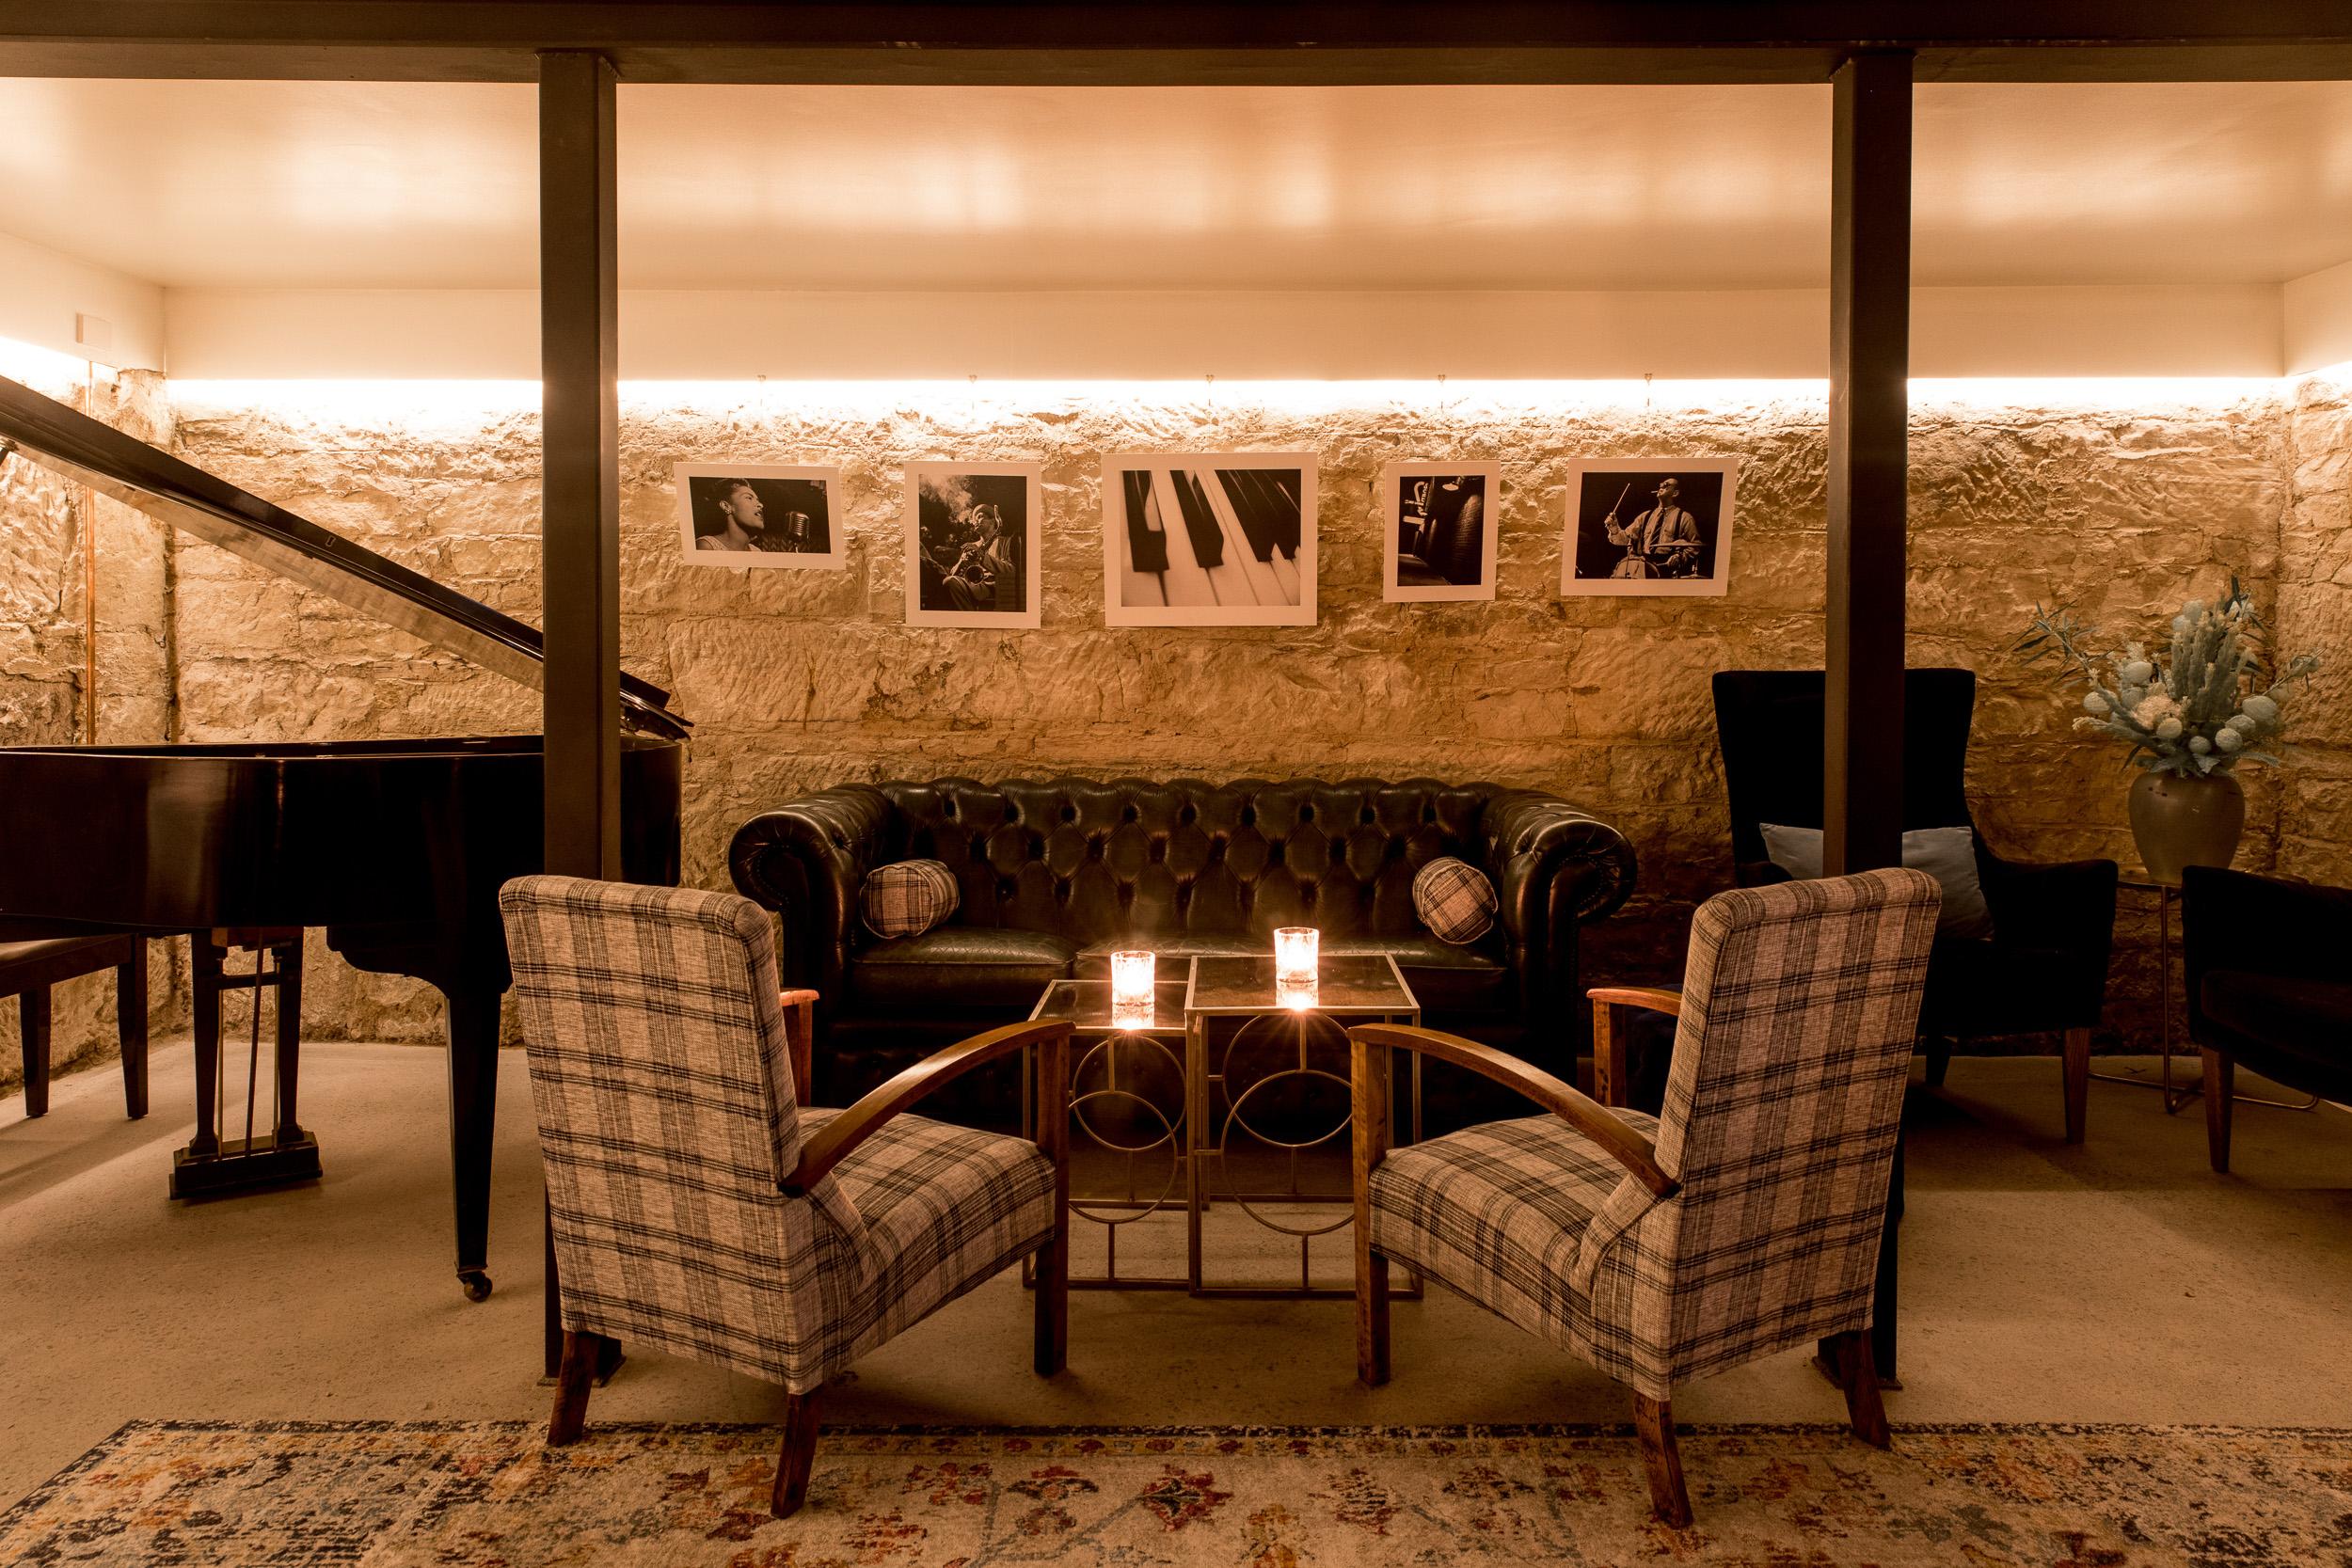 Etties_Pianoroom-11.jpg